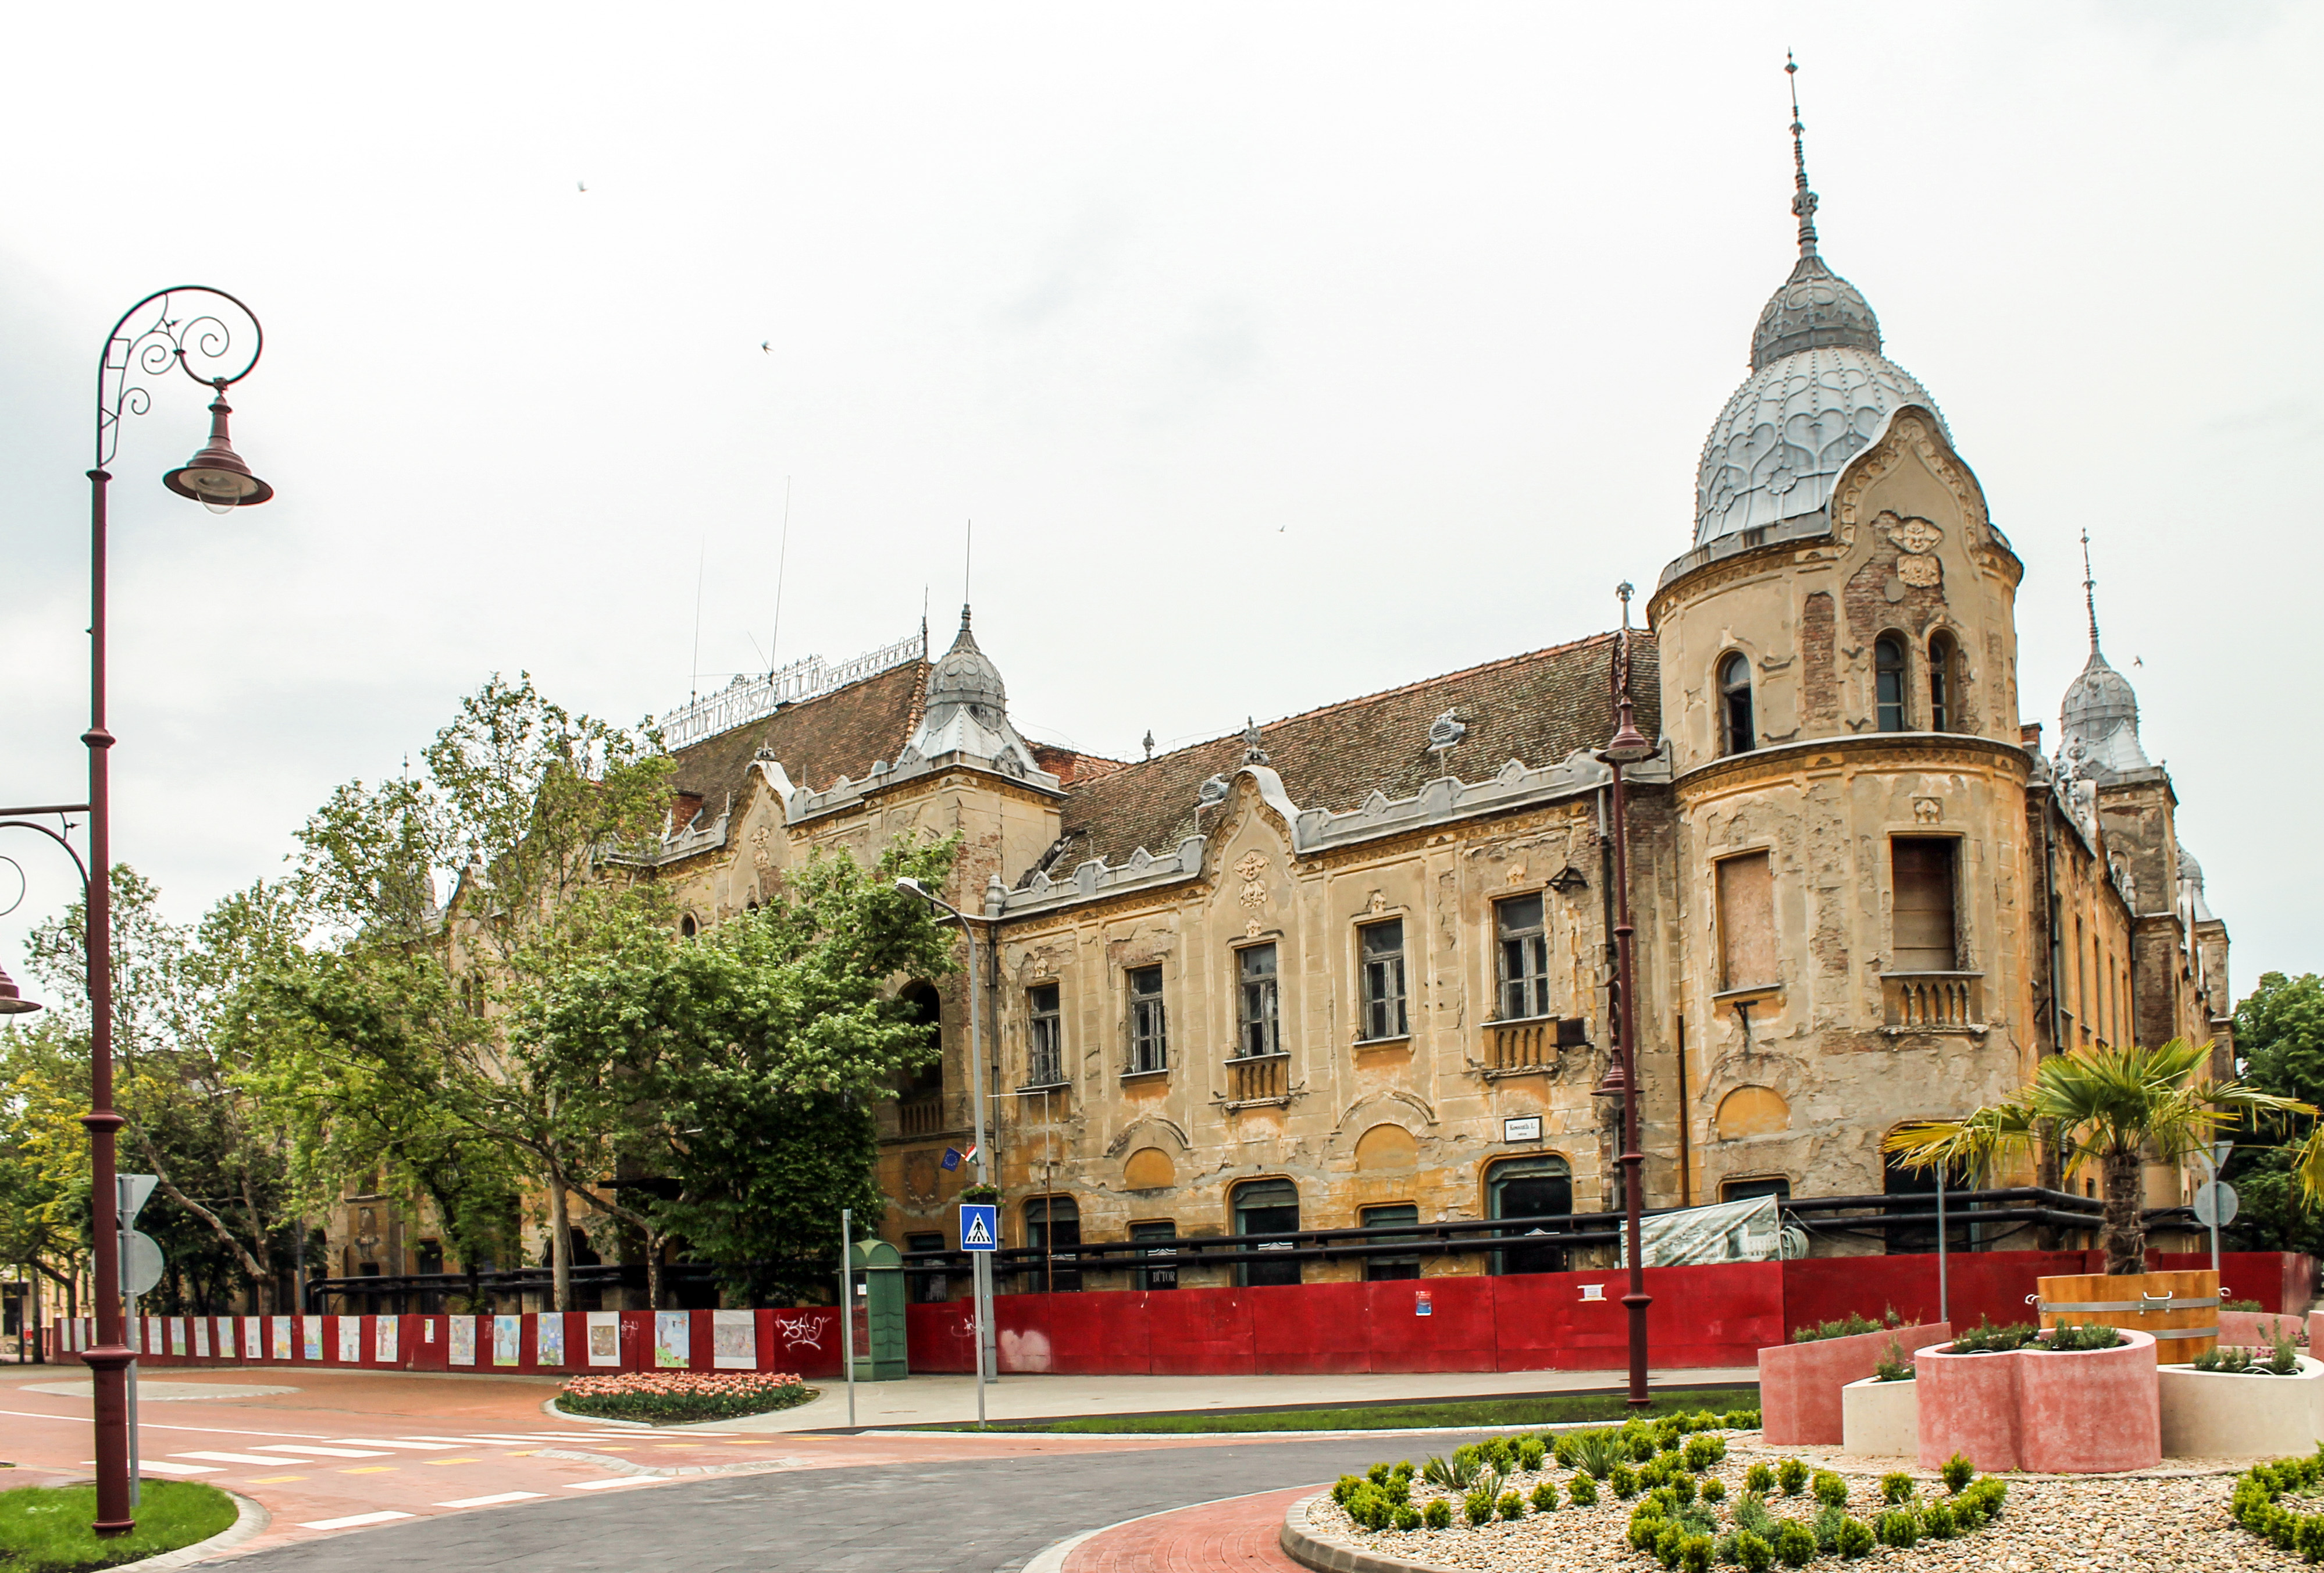 Ennyire leromlott a szálló állapota a felújítás előtt. Kép: Wikimedia Commons